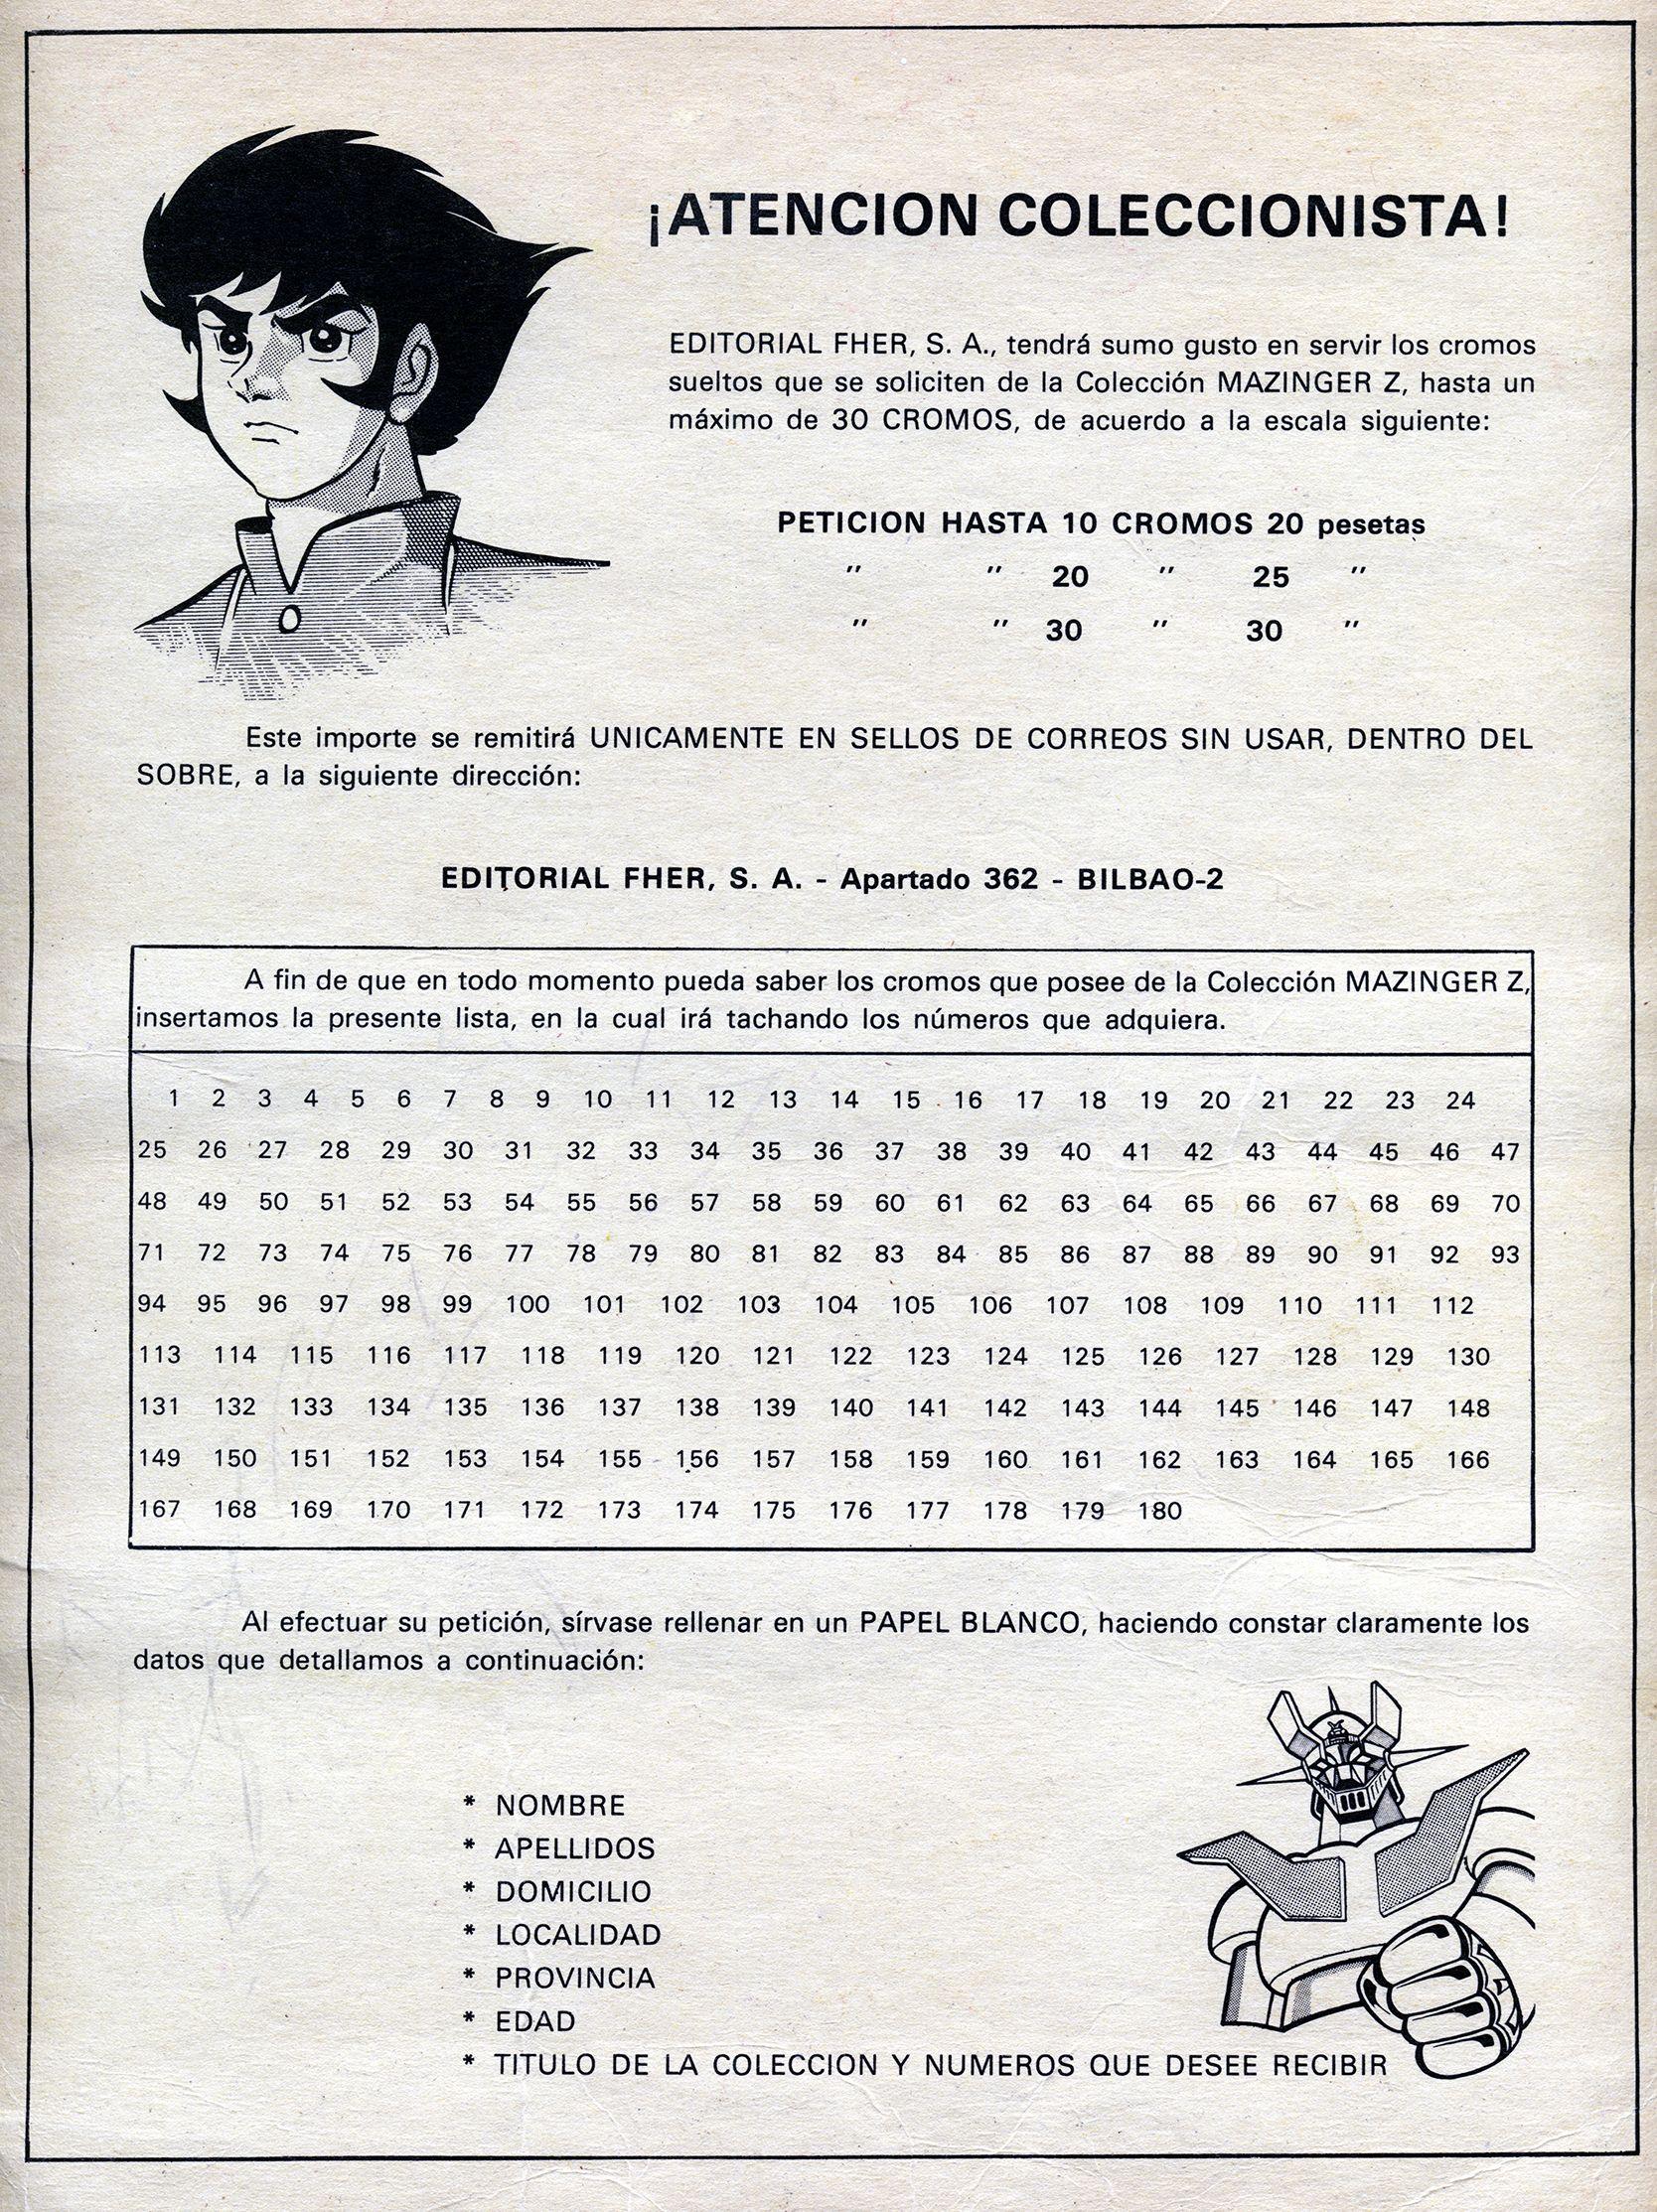 Pagina 17 del primer album de Mazinger-Z (Remasterizado por Liderdark)